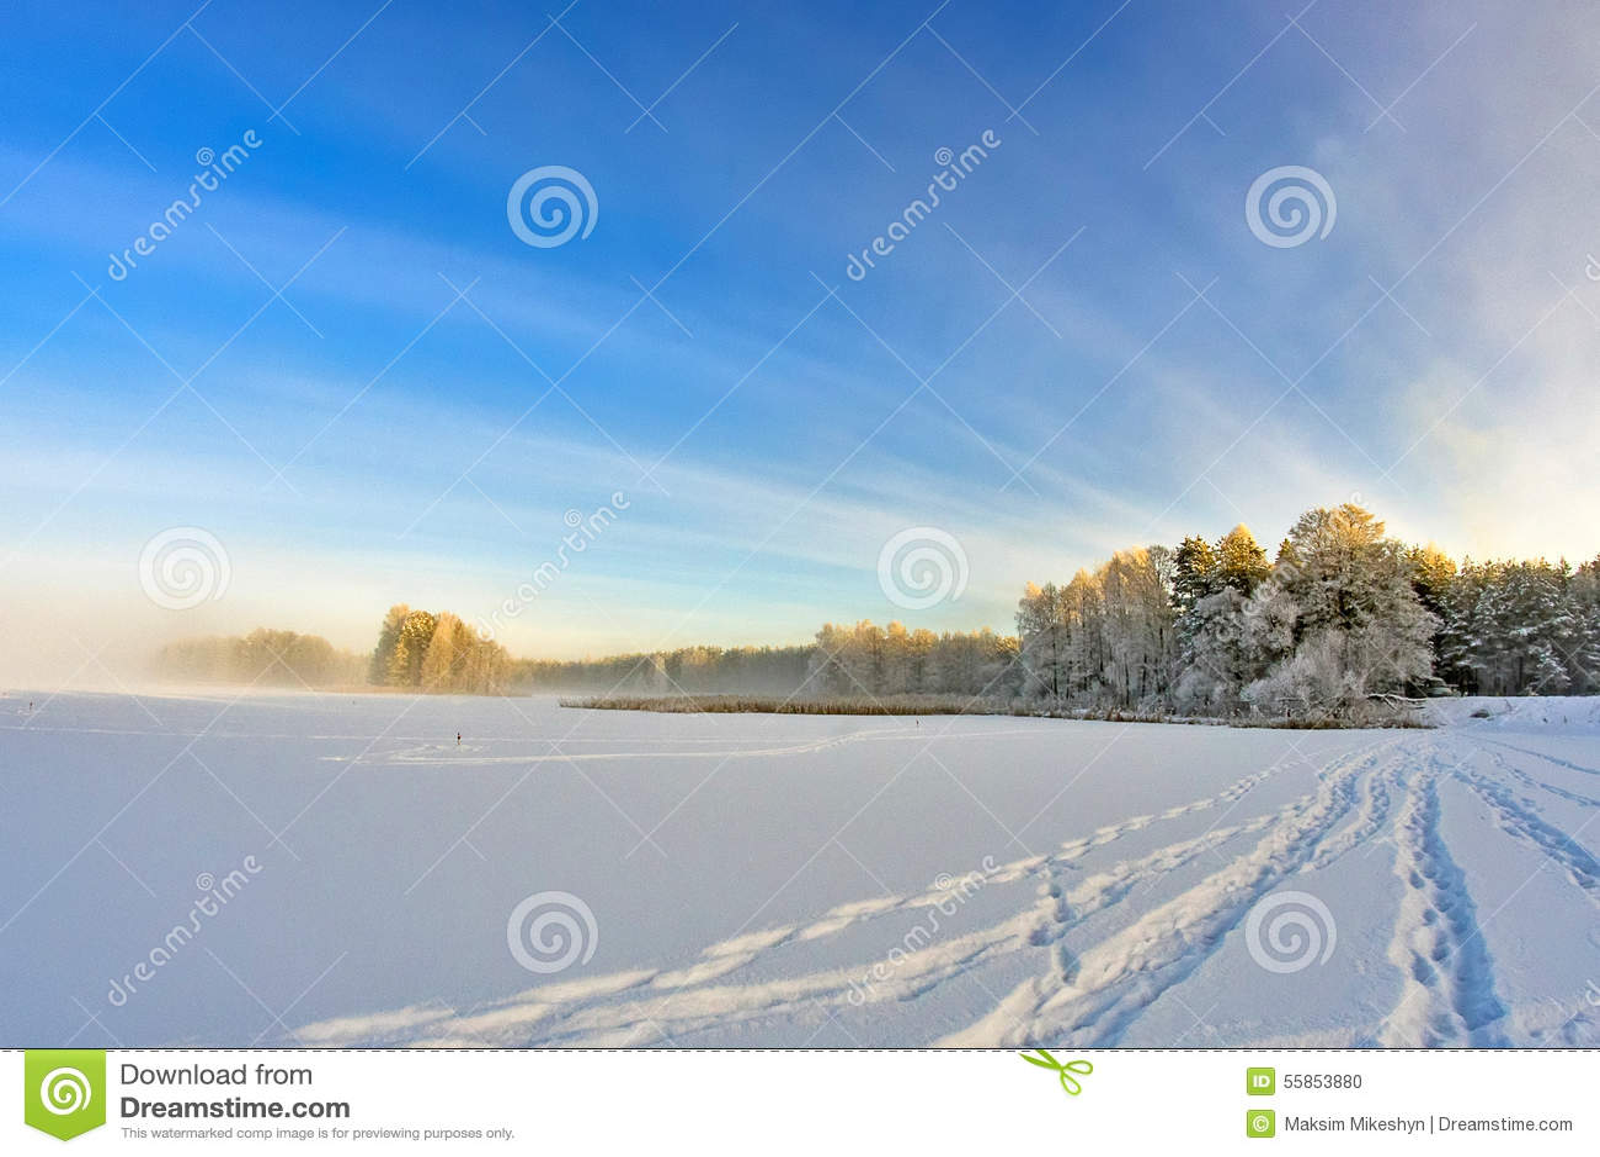 Voetafdrukken in het Sneeuwmeer